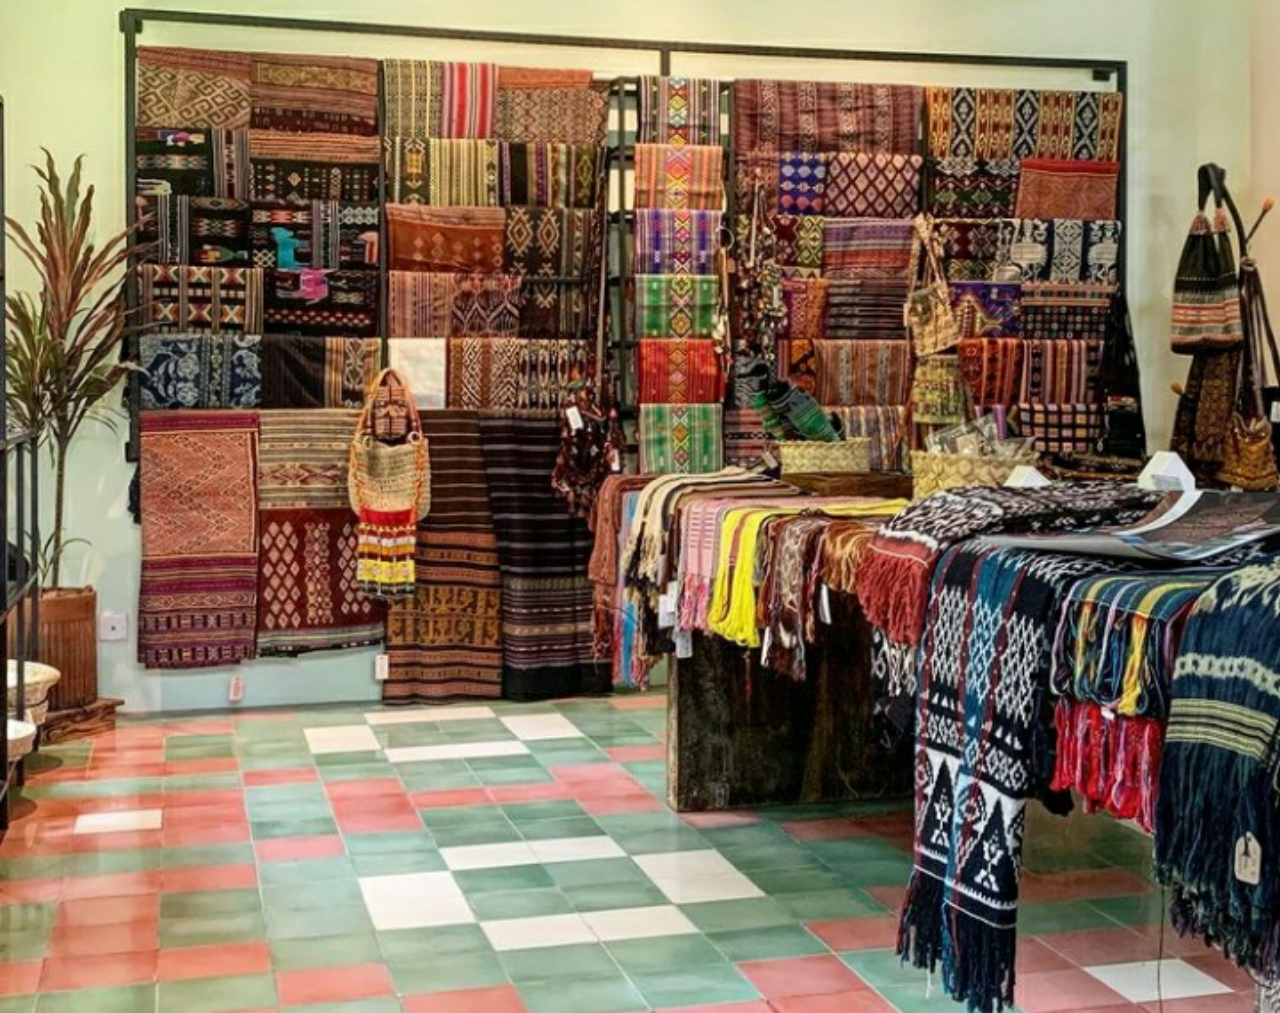 jenis atau macam kain tenun khas nusa tenggara timur NTT